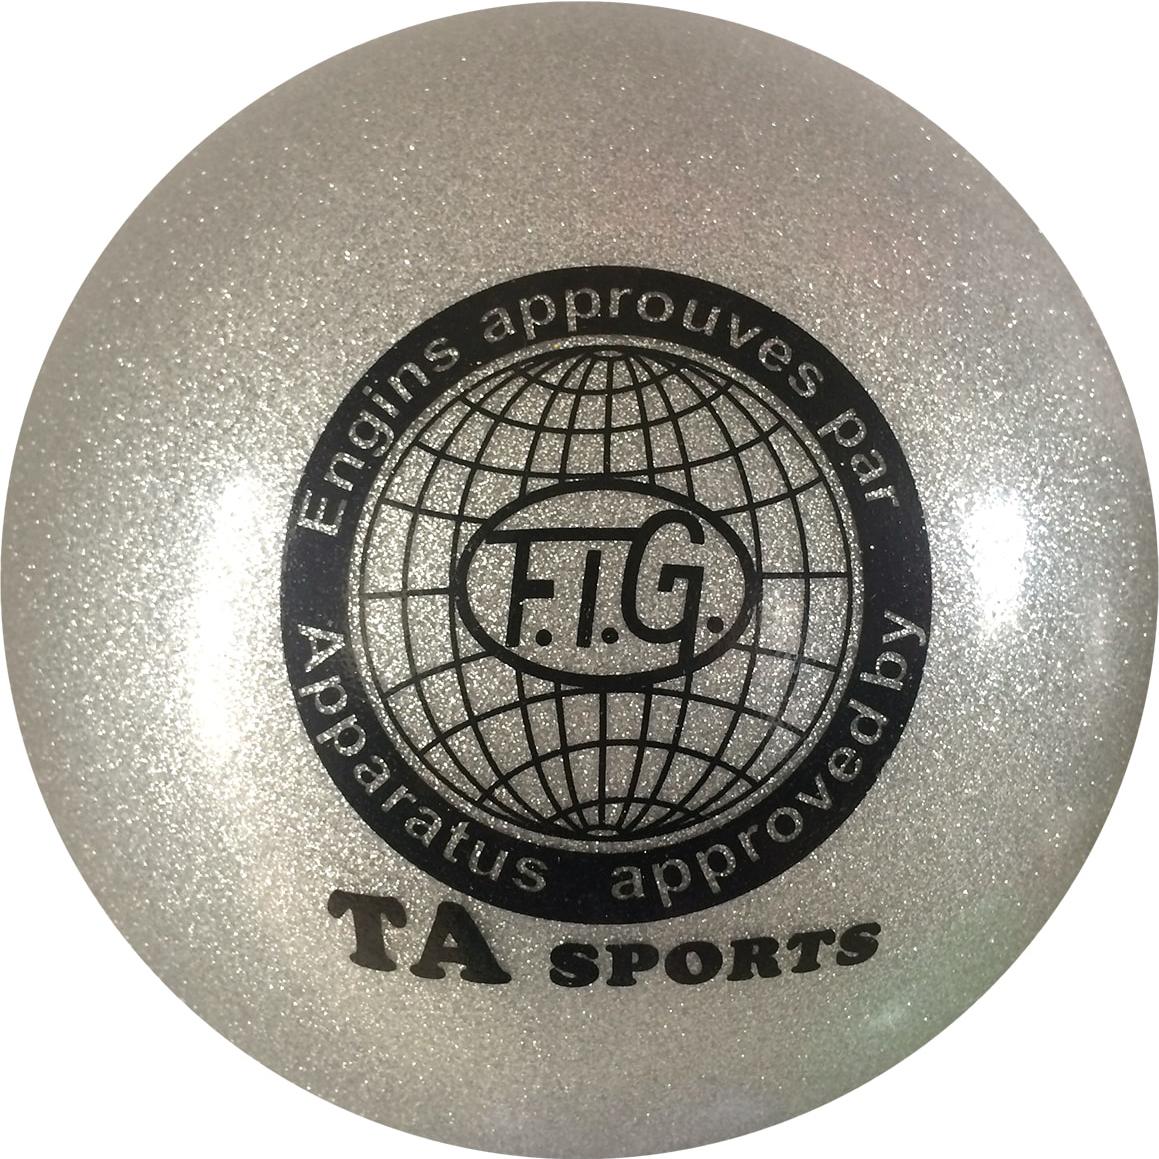 Мяч для художественной гимнастики TA-Sport RGB-102, с блестками, цвет: серый, диаметр 19 смУТ-00010344Практичный и надежный мяч для художественной гимнастики от TA-Sport выполнен из прочного ПВХ яркого цвета с блестками. Мяч диаметром 19 см предназначен для спортсменок-юниоров и взрослых гимнасток. Как правило, цвет мяча подбирается под образ и костюм гимнастки.Хранить мяч нужно в чехле, чтобы на нем не появились царапины. Мячи с разноцветным покрытием или с блестками имеют тонкий слой красочного покрытия, требующий бережного отношения. В зимнее время следует использовать утепленный чехол, чтобы мяч не сдувался от перепада температуры. Желательно избегать попадания прямых солнечных лучей.